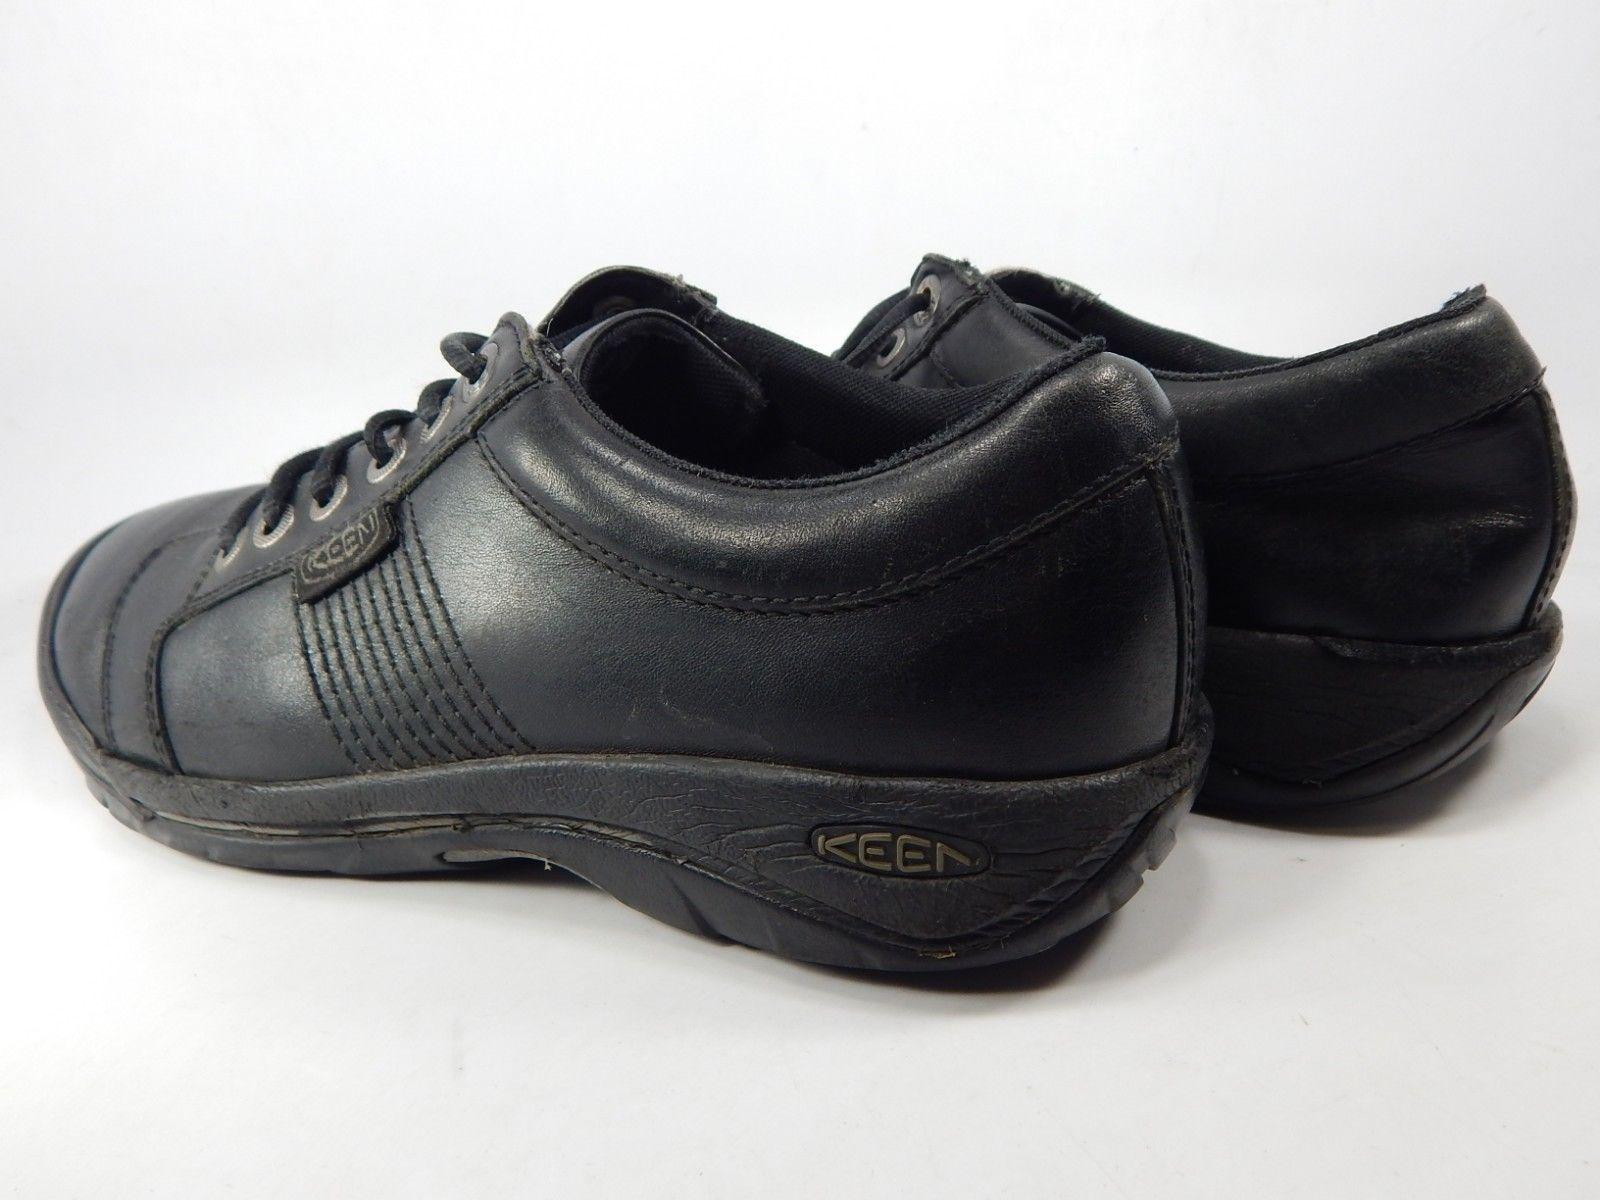 Keen Austin Size US 10.5 M (D) EU 44 Men's Lace-Up Oxford Casual Shoes 1011395